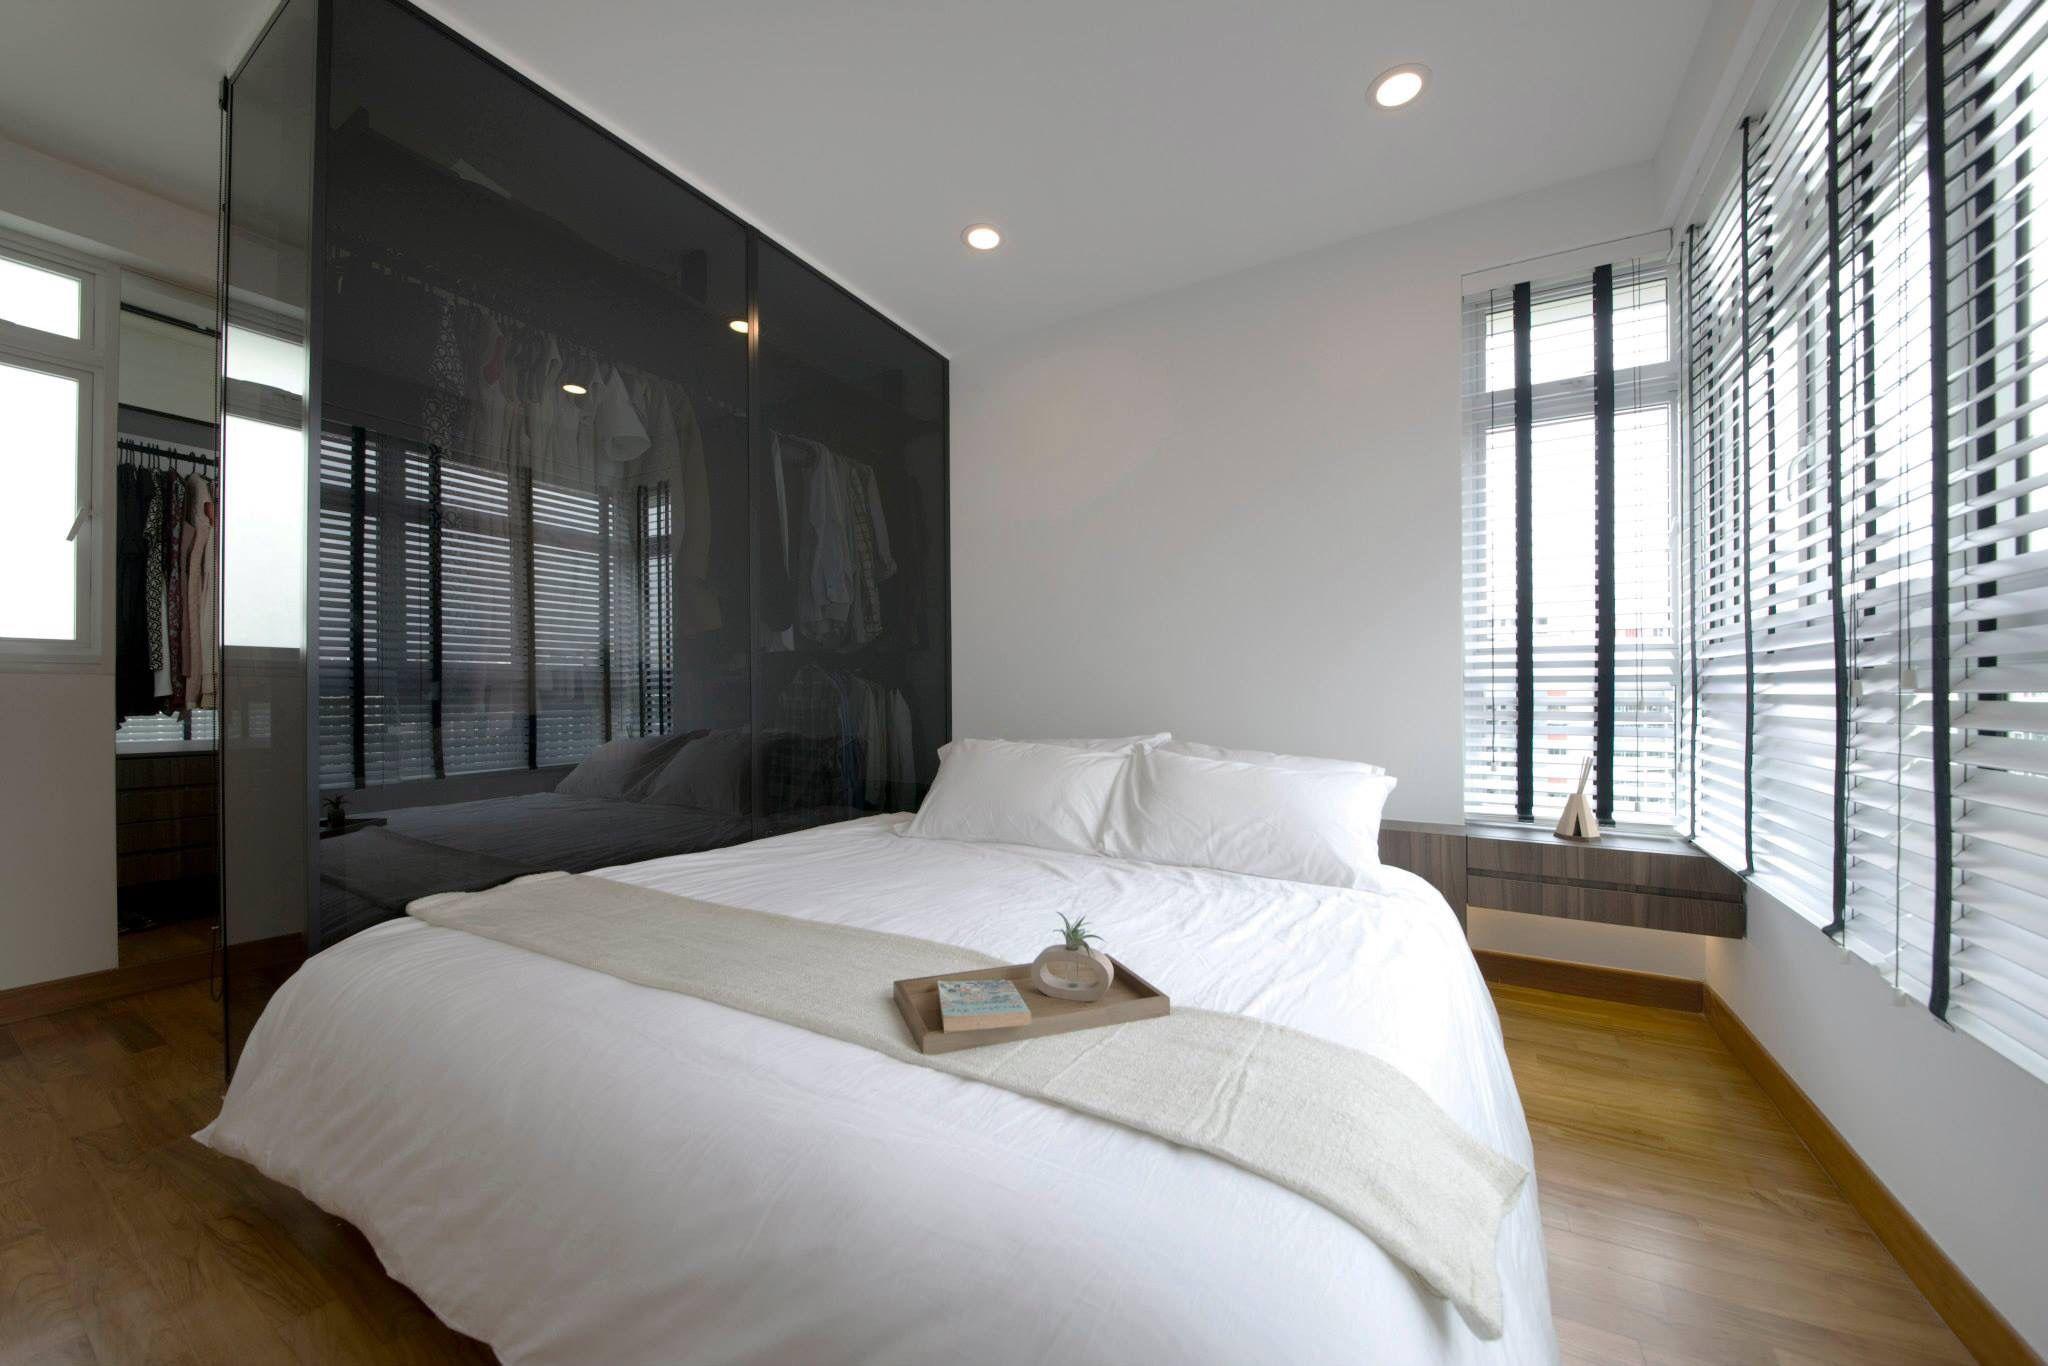 Hdb Bedroom Wardrobe Design Bedroom Modern Bedroom Design Bedroom Design